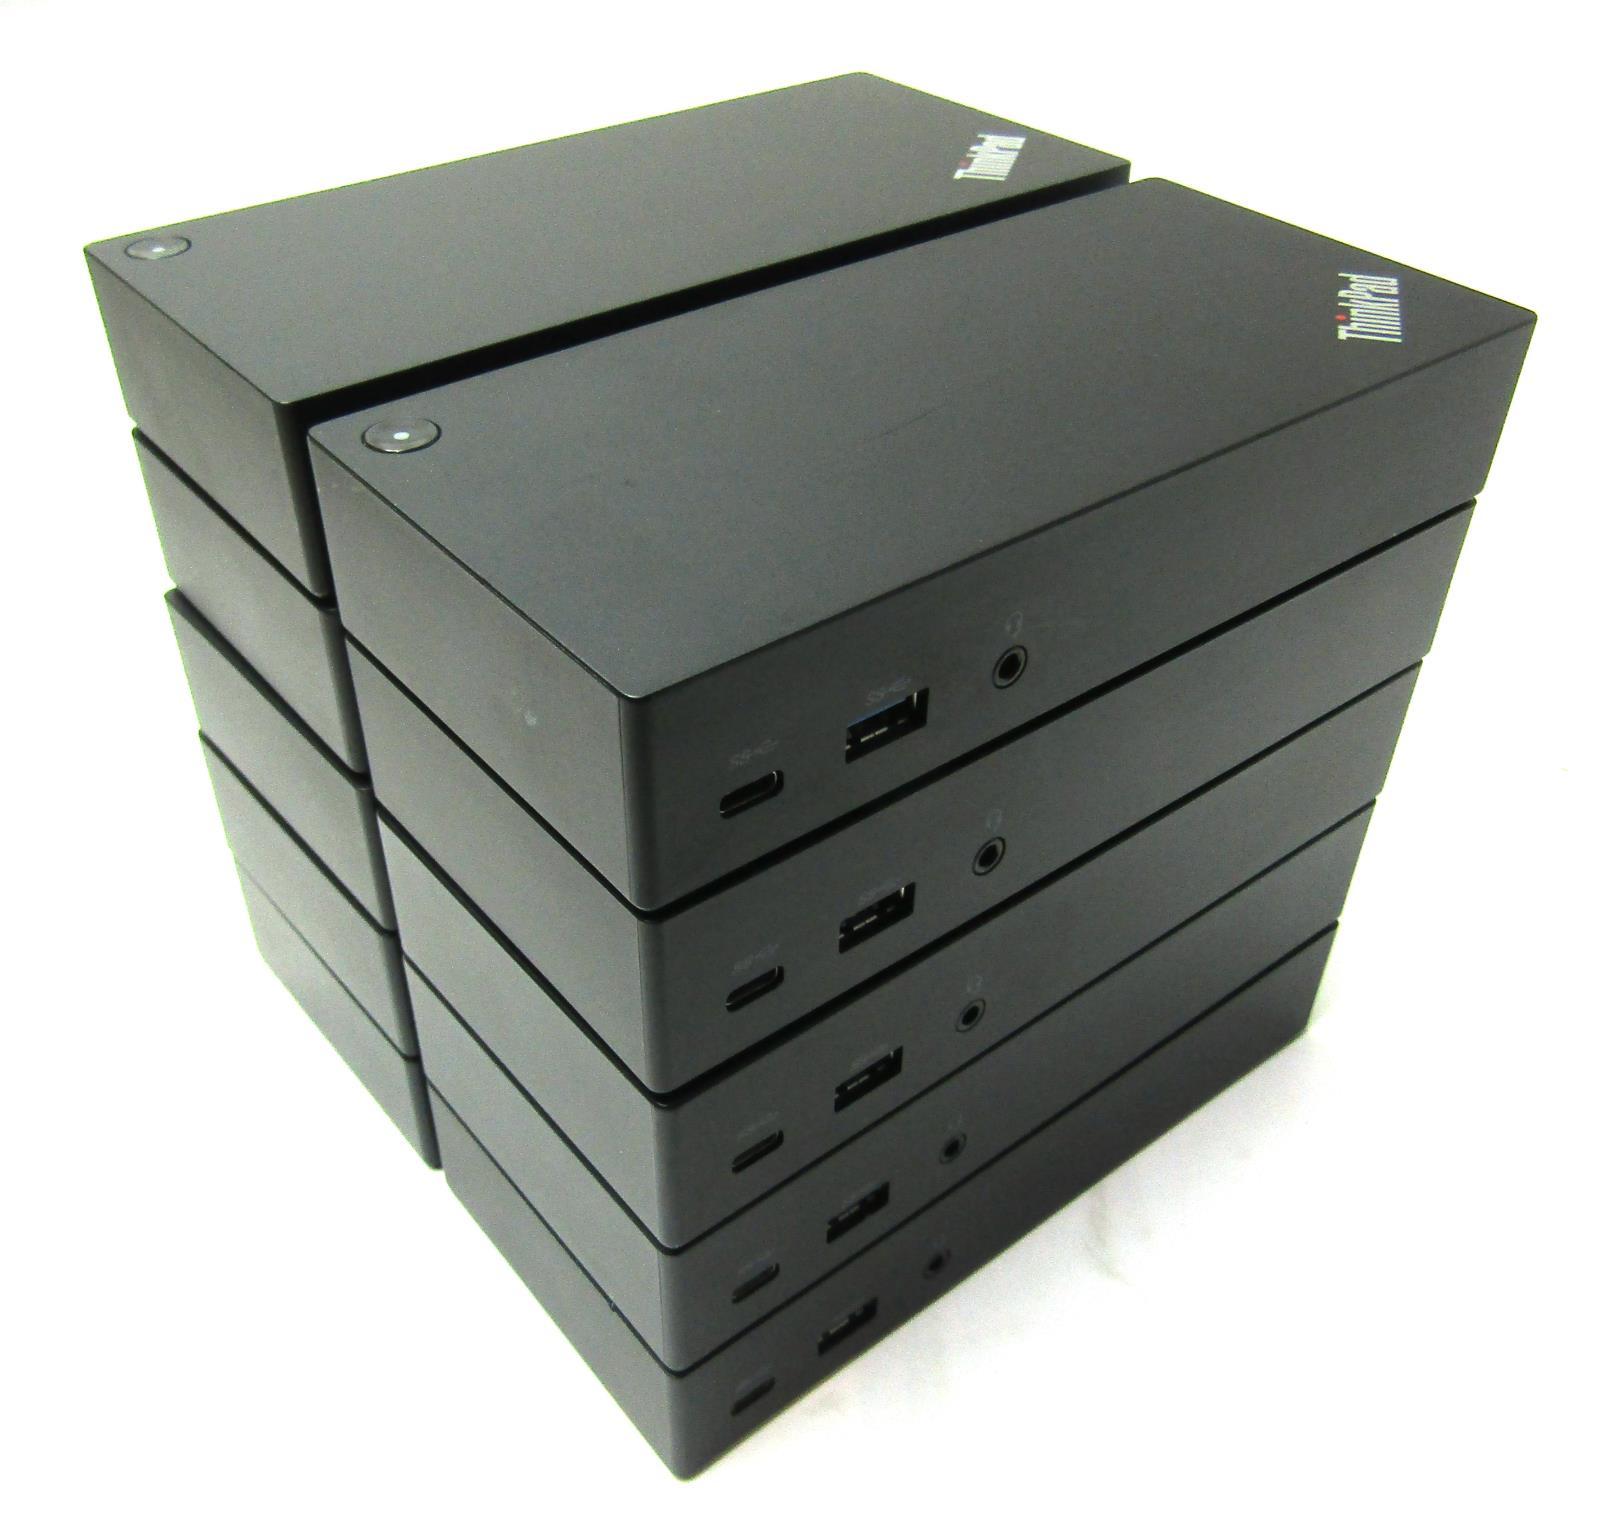 10x Lenovo DK1633 ThinkPad USB-C Dock | For E480 . E580. L380. L470. L480. L580 | eBay